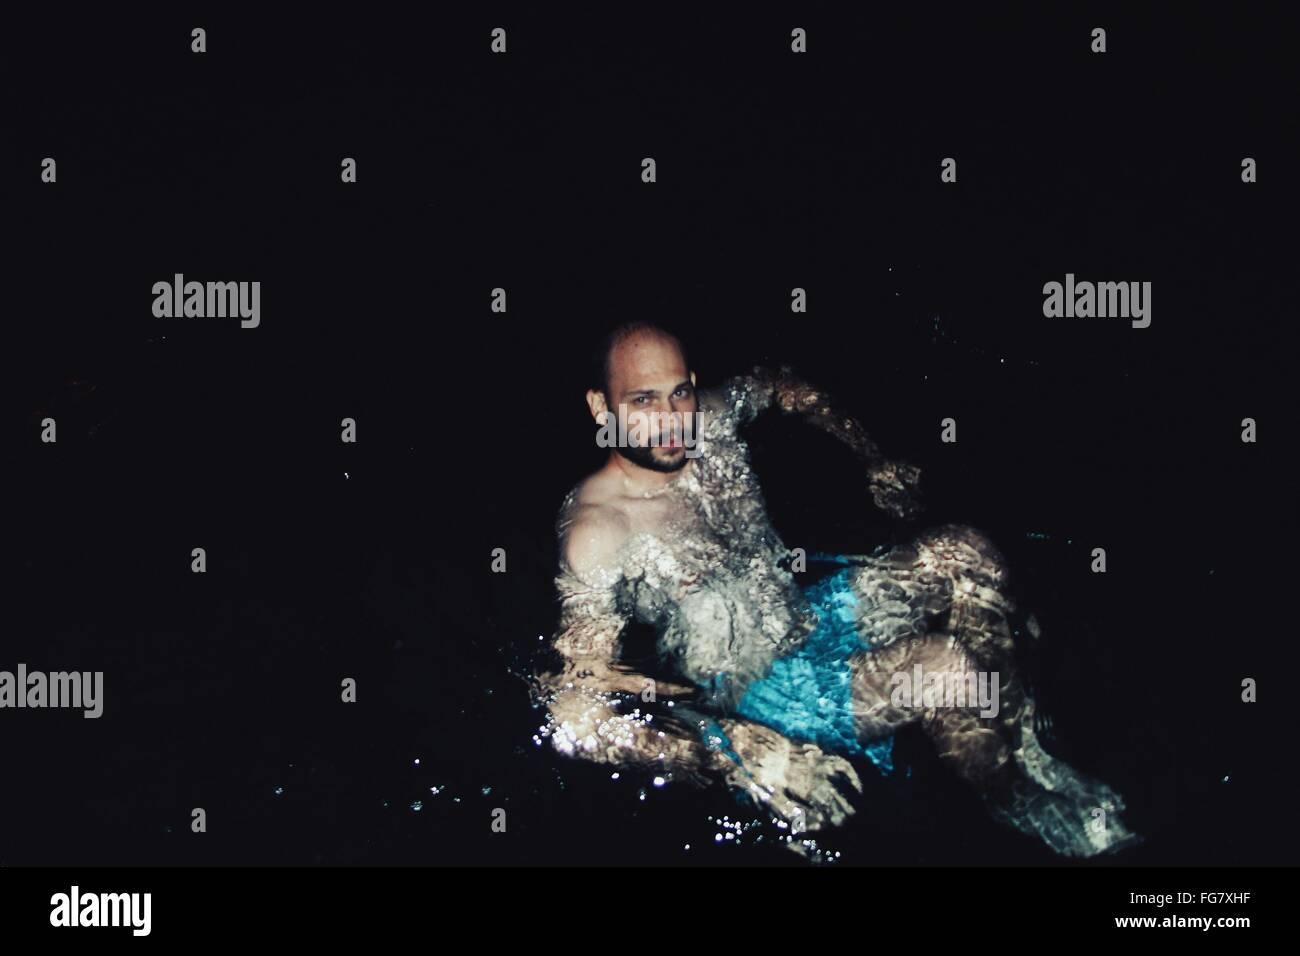 Elevato angolo di visione dell'uomo nuoto al lago Immagini Stock